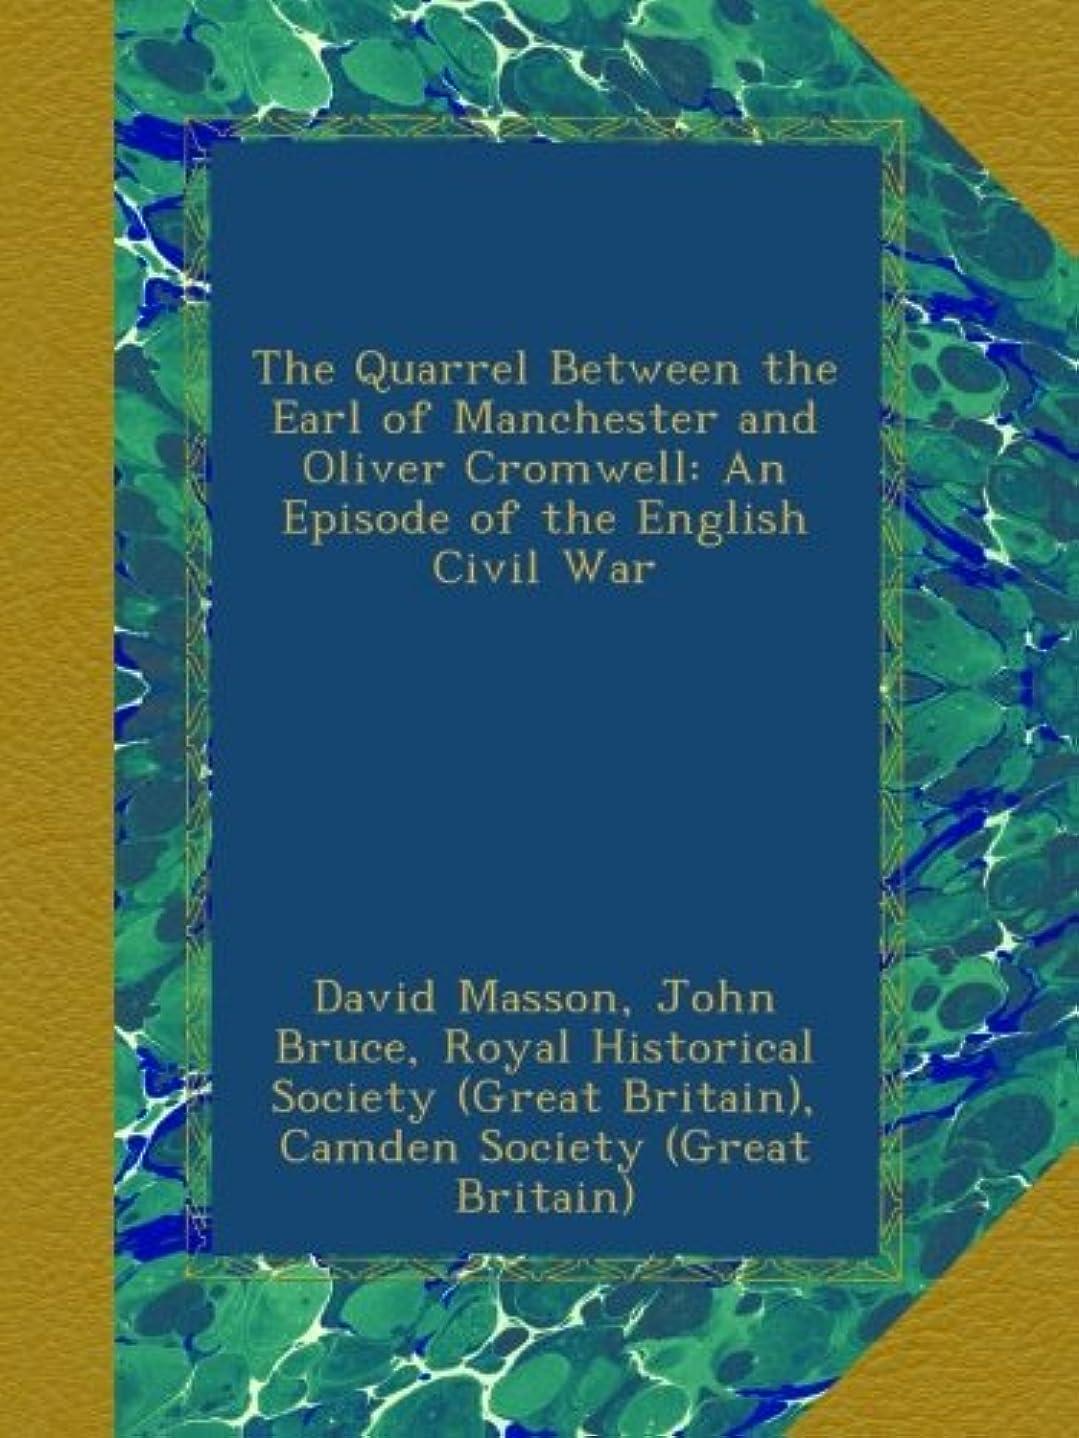 供給プラグ変化The Quarrel Between the Earl of Manchester and Oliver Cromwell: An Episode of the English Civil War